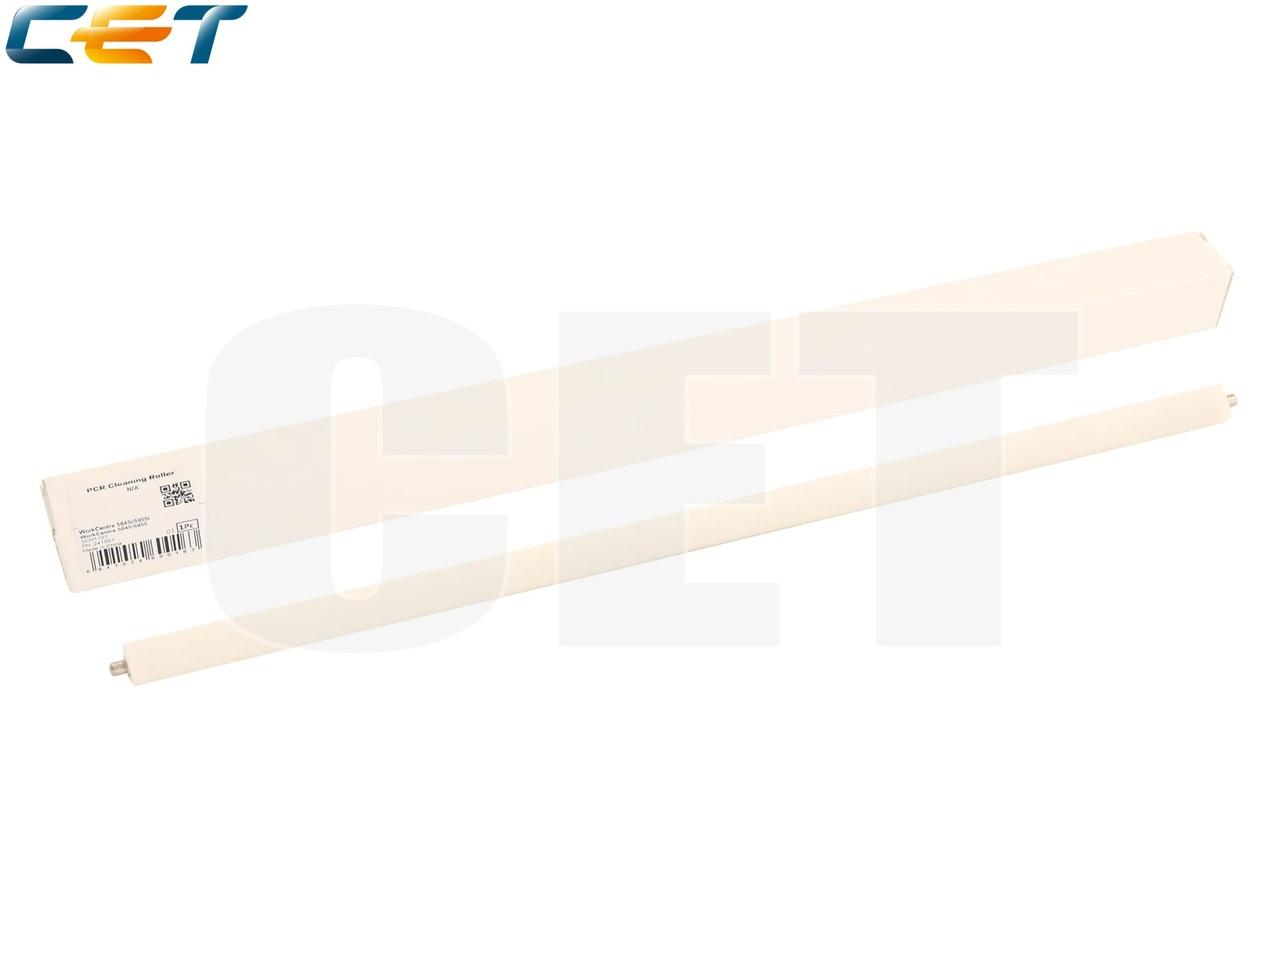 Ролик очистки ролика заряда для XEROX WorkCentre 5955i(CET), CET241001